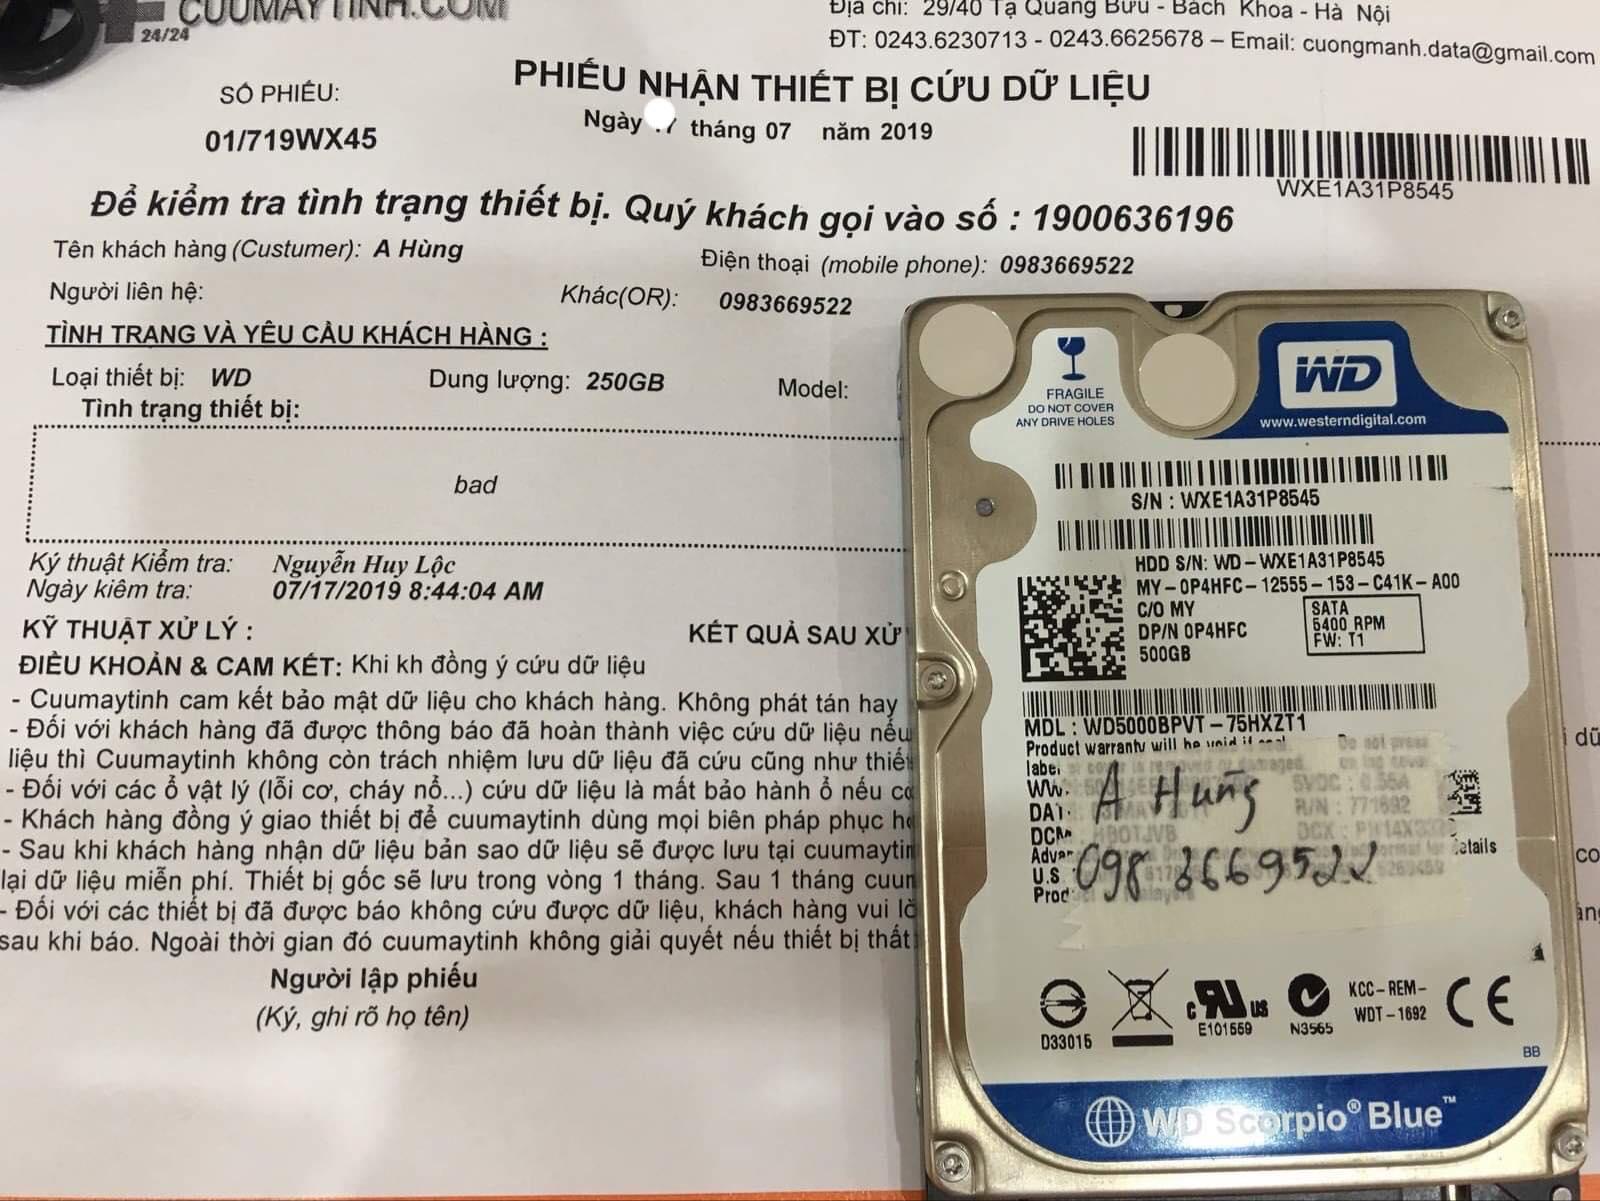 Cứu dữ liệu ổ cứng Western 250GB bad 30/07/2019 - cuumaytinh